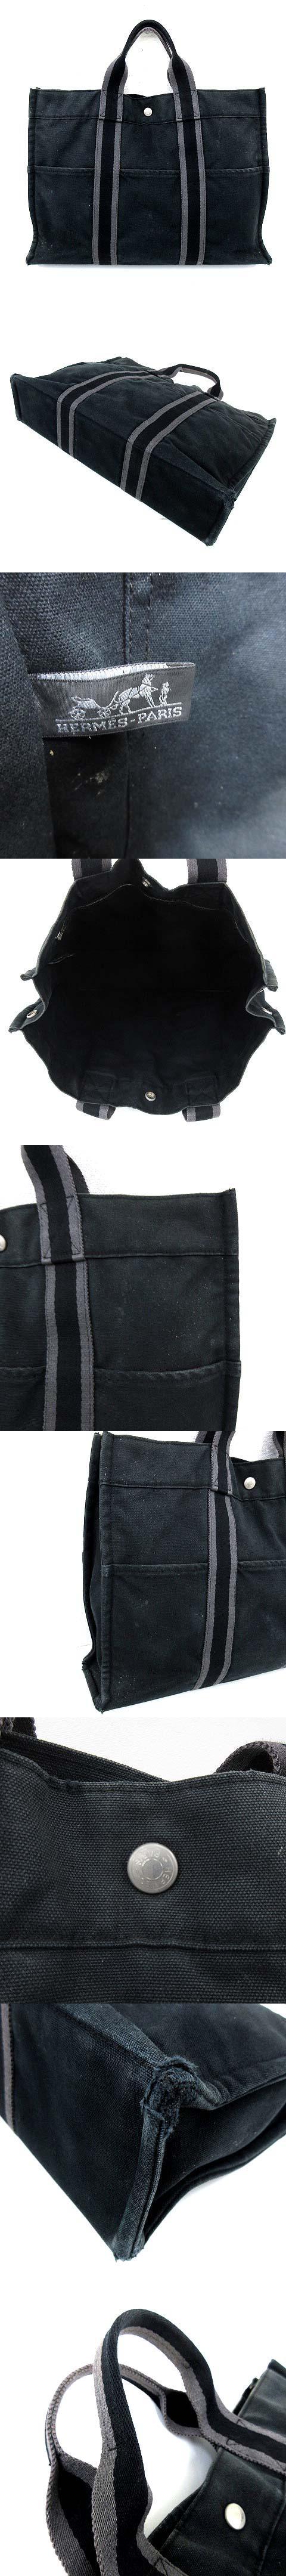 フールトゥ MM ハンド トートバッグ キャンバス 黒 ブラック B4サイズ収納可能 A